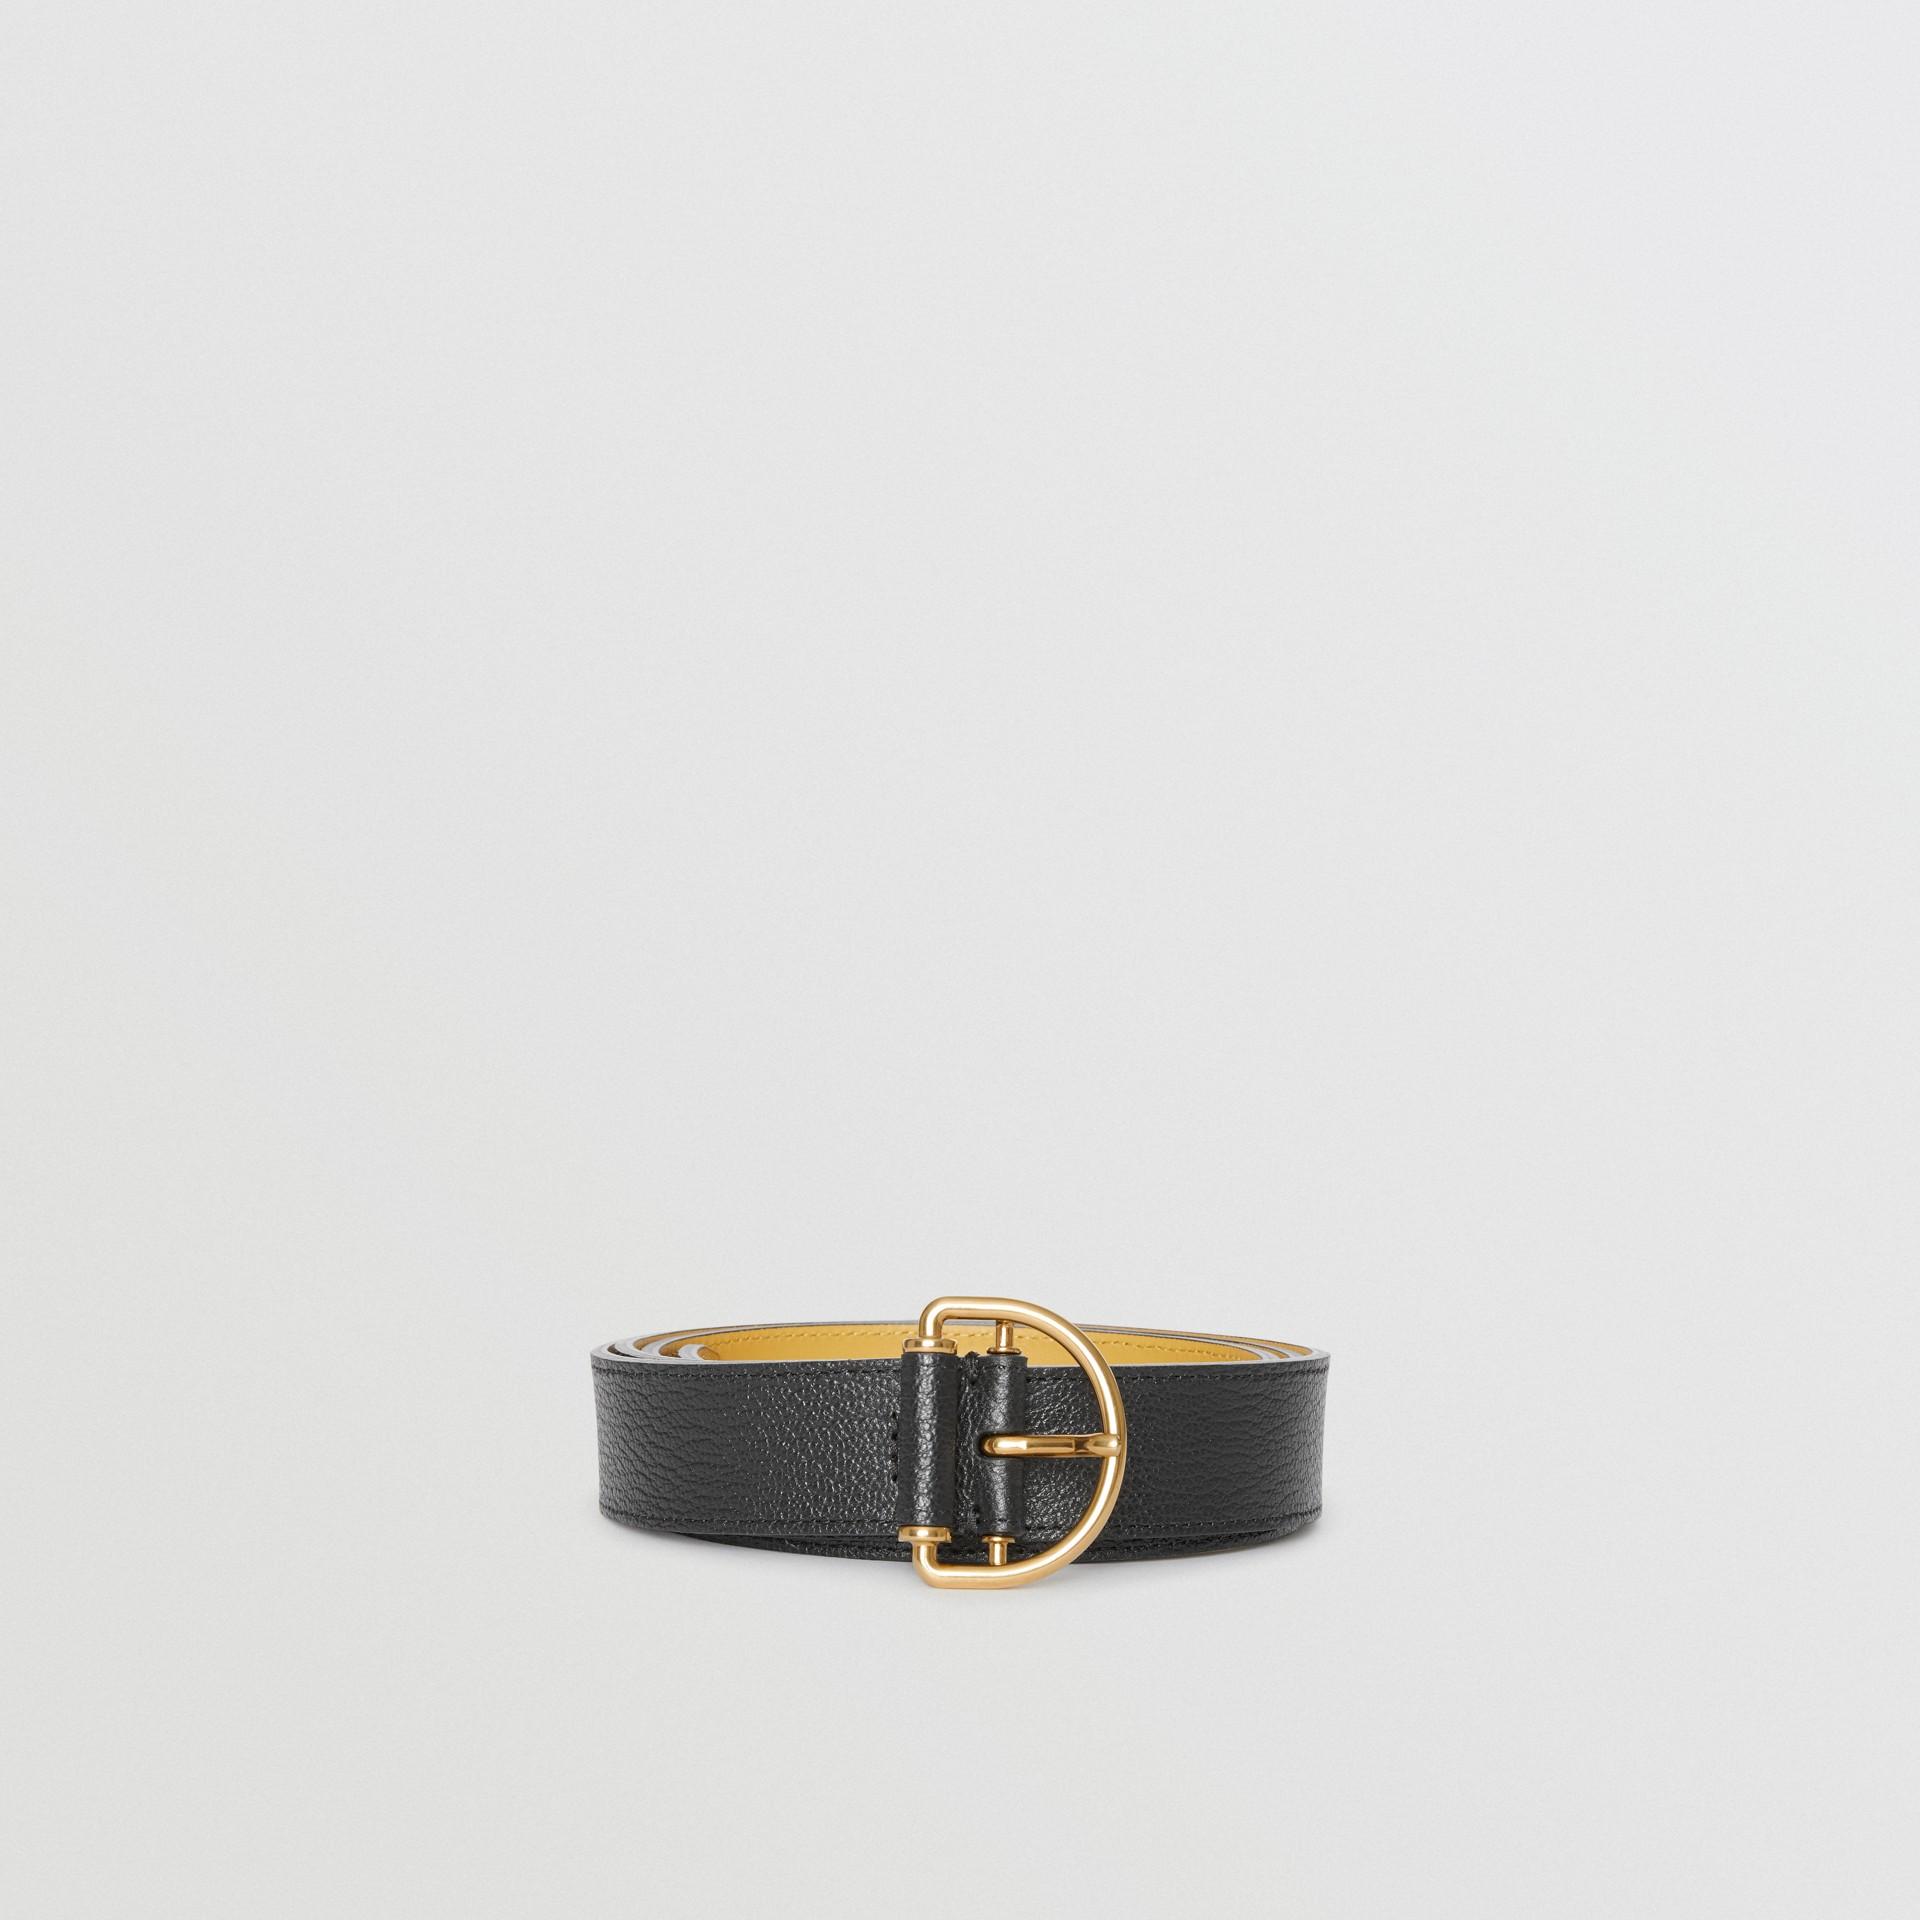 Cintura in pelle a grana con anello a D (Nero/fiordaliso) - Donna | Burberry - immagine della galleria 3